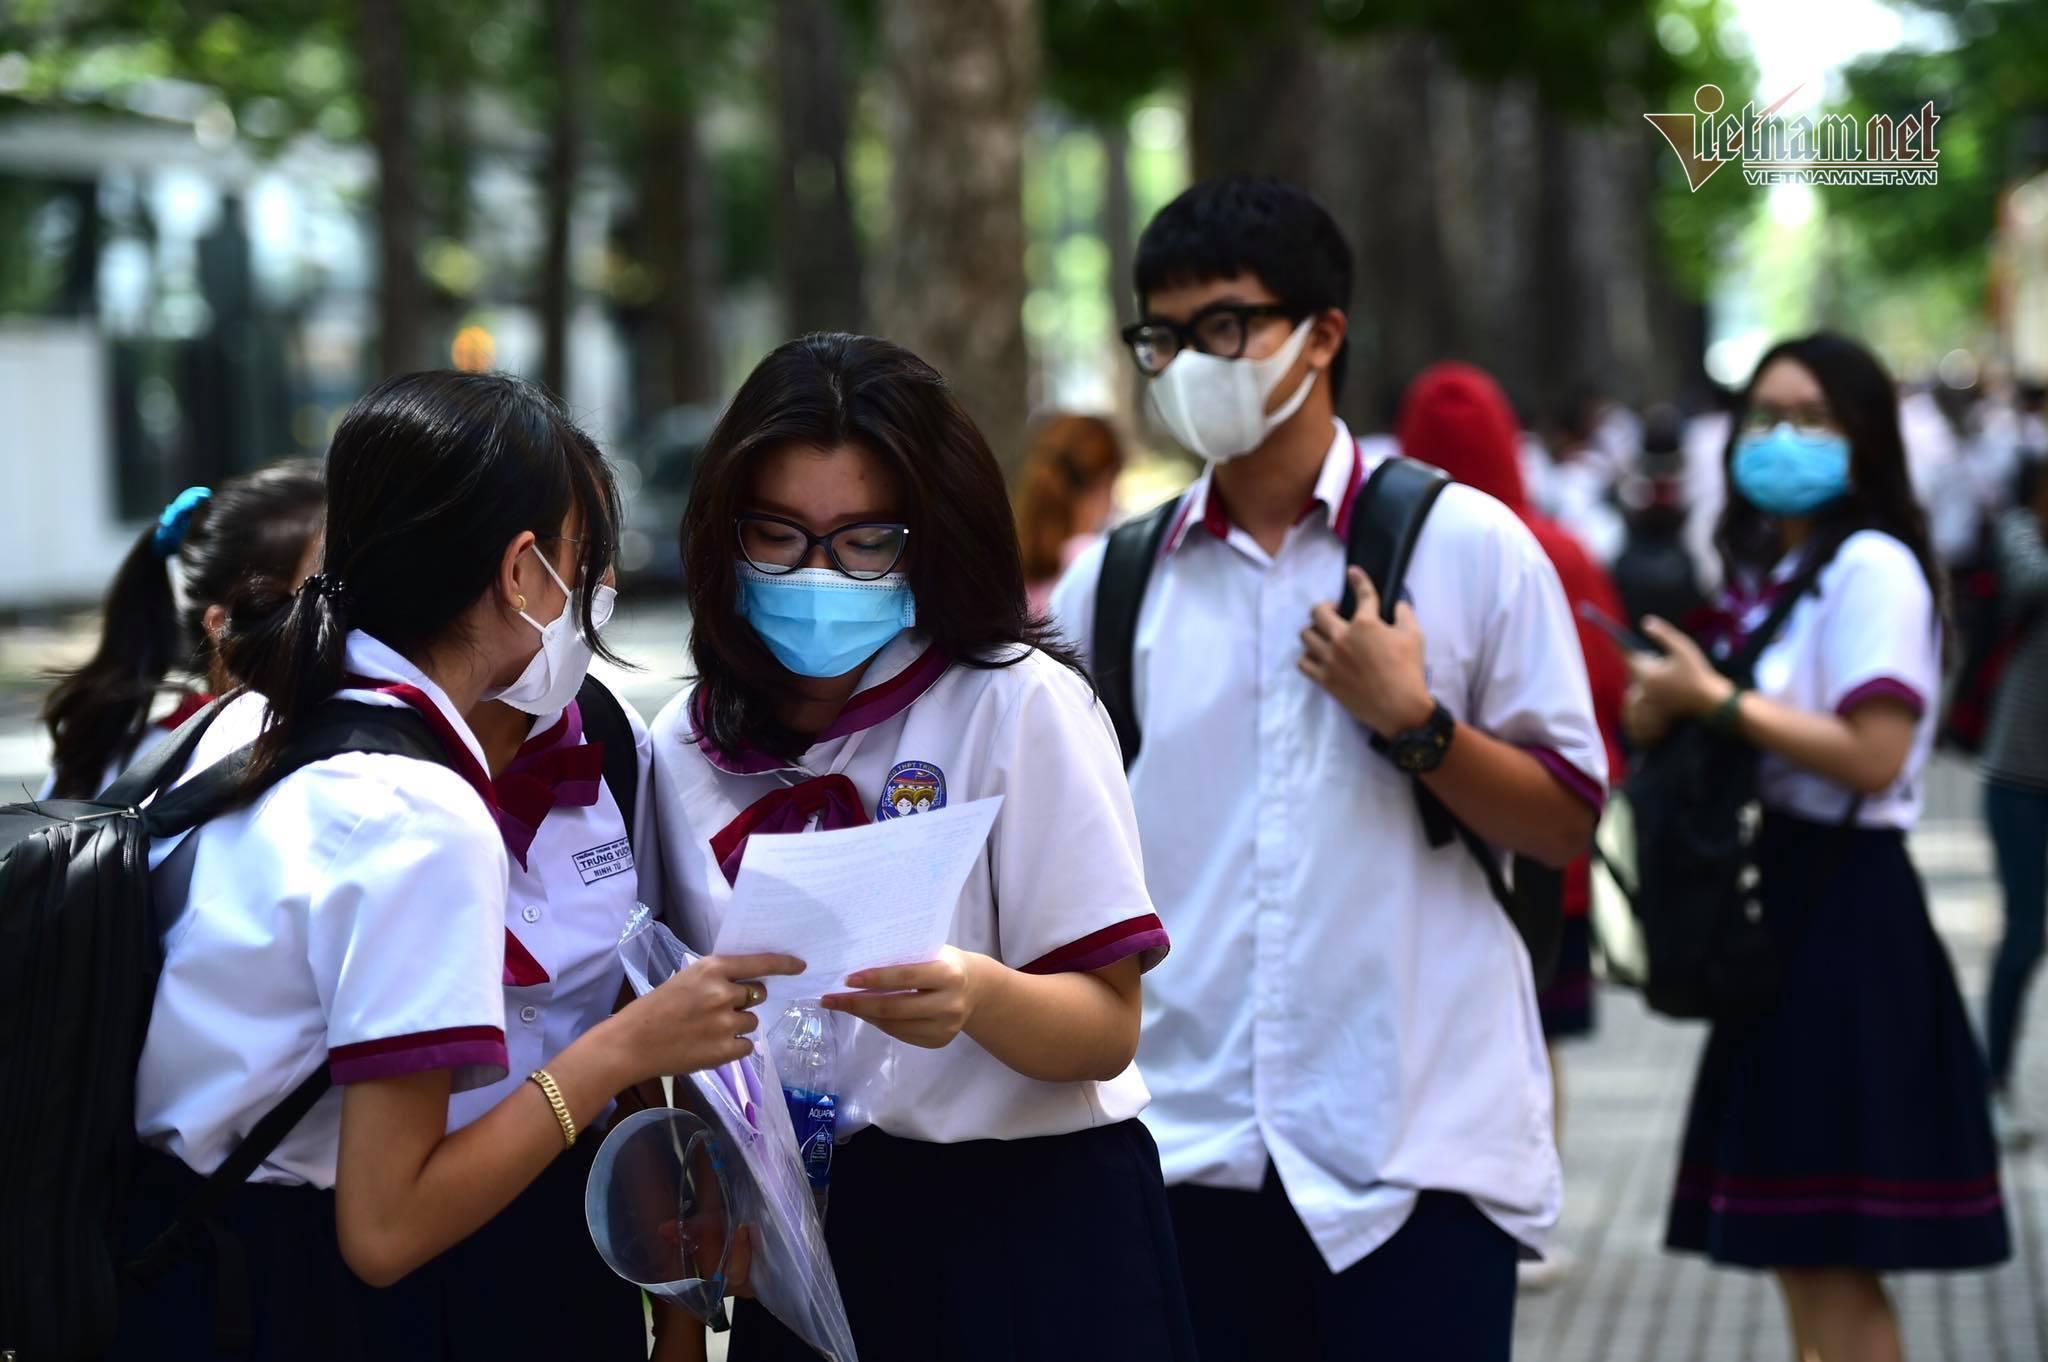 Trường ĐH Ngoại thương có mức điểm sàn cao nhất là 23,8